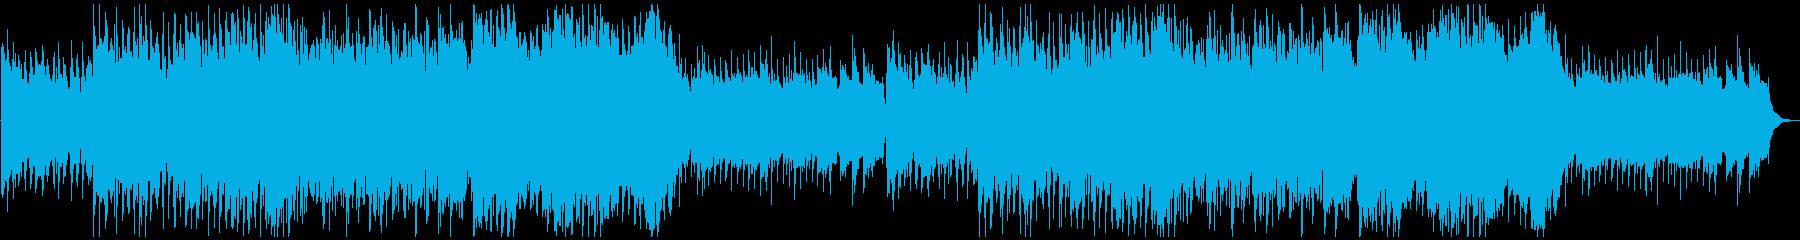 シネマティック造語BGMテンポ遅めの再生済みの波形